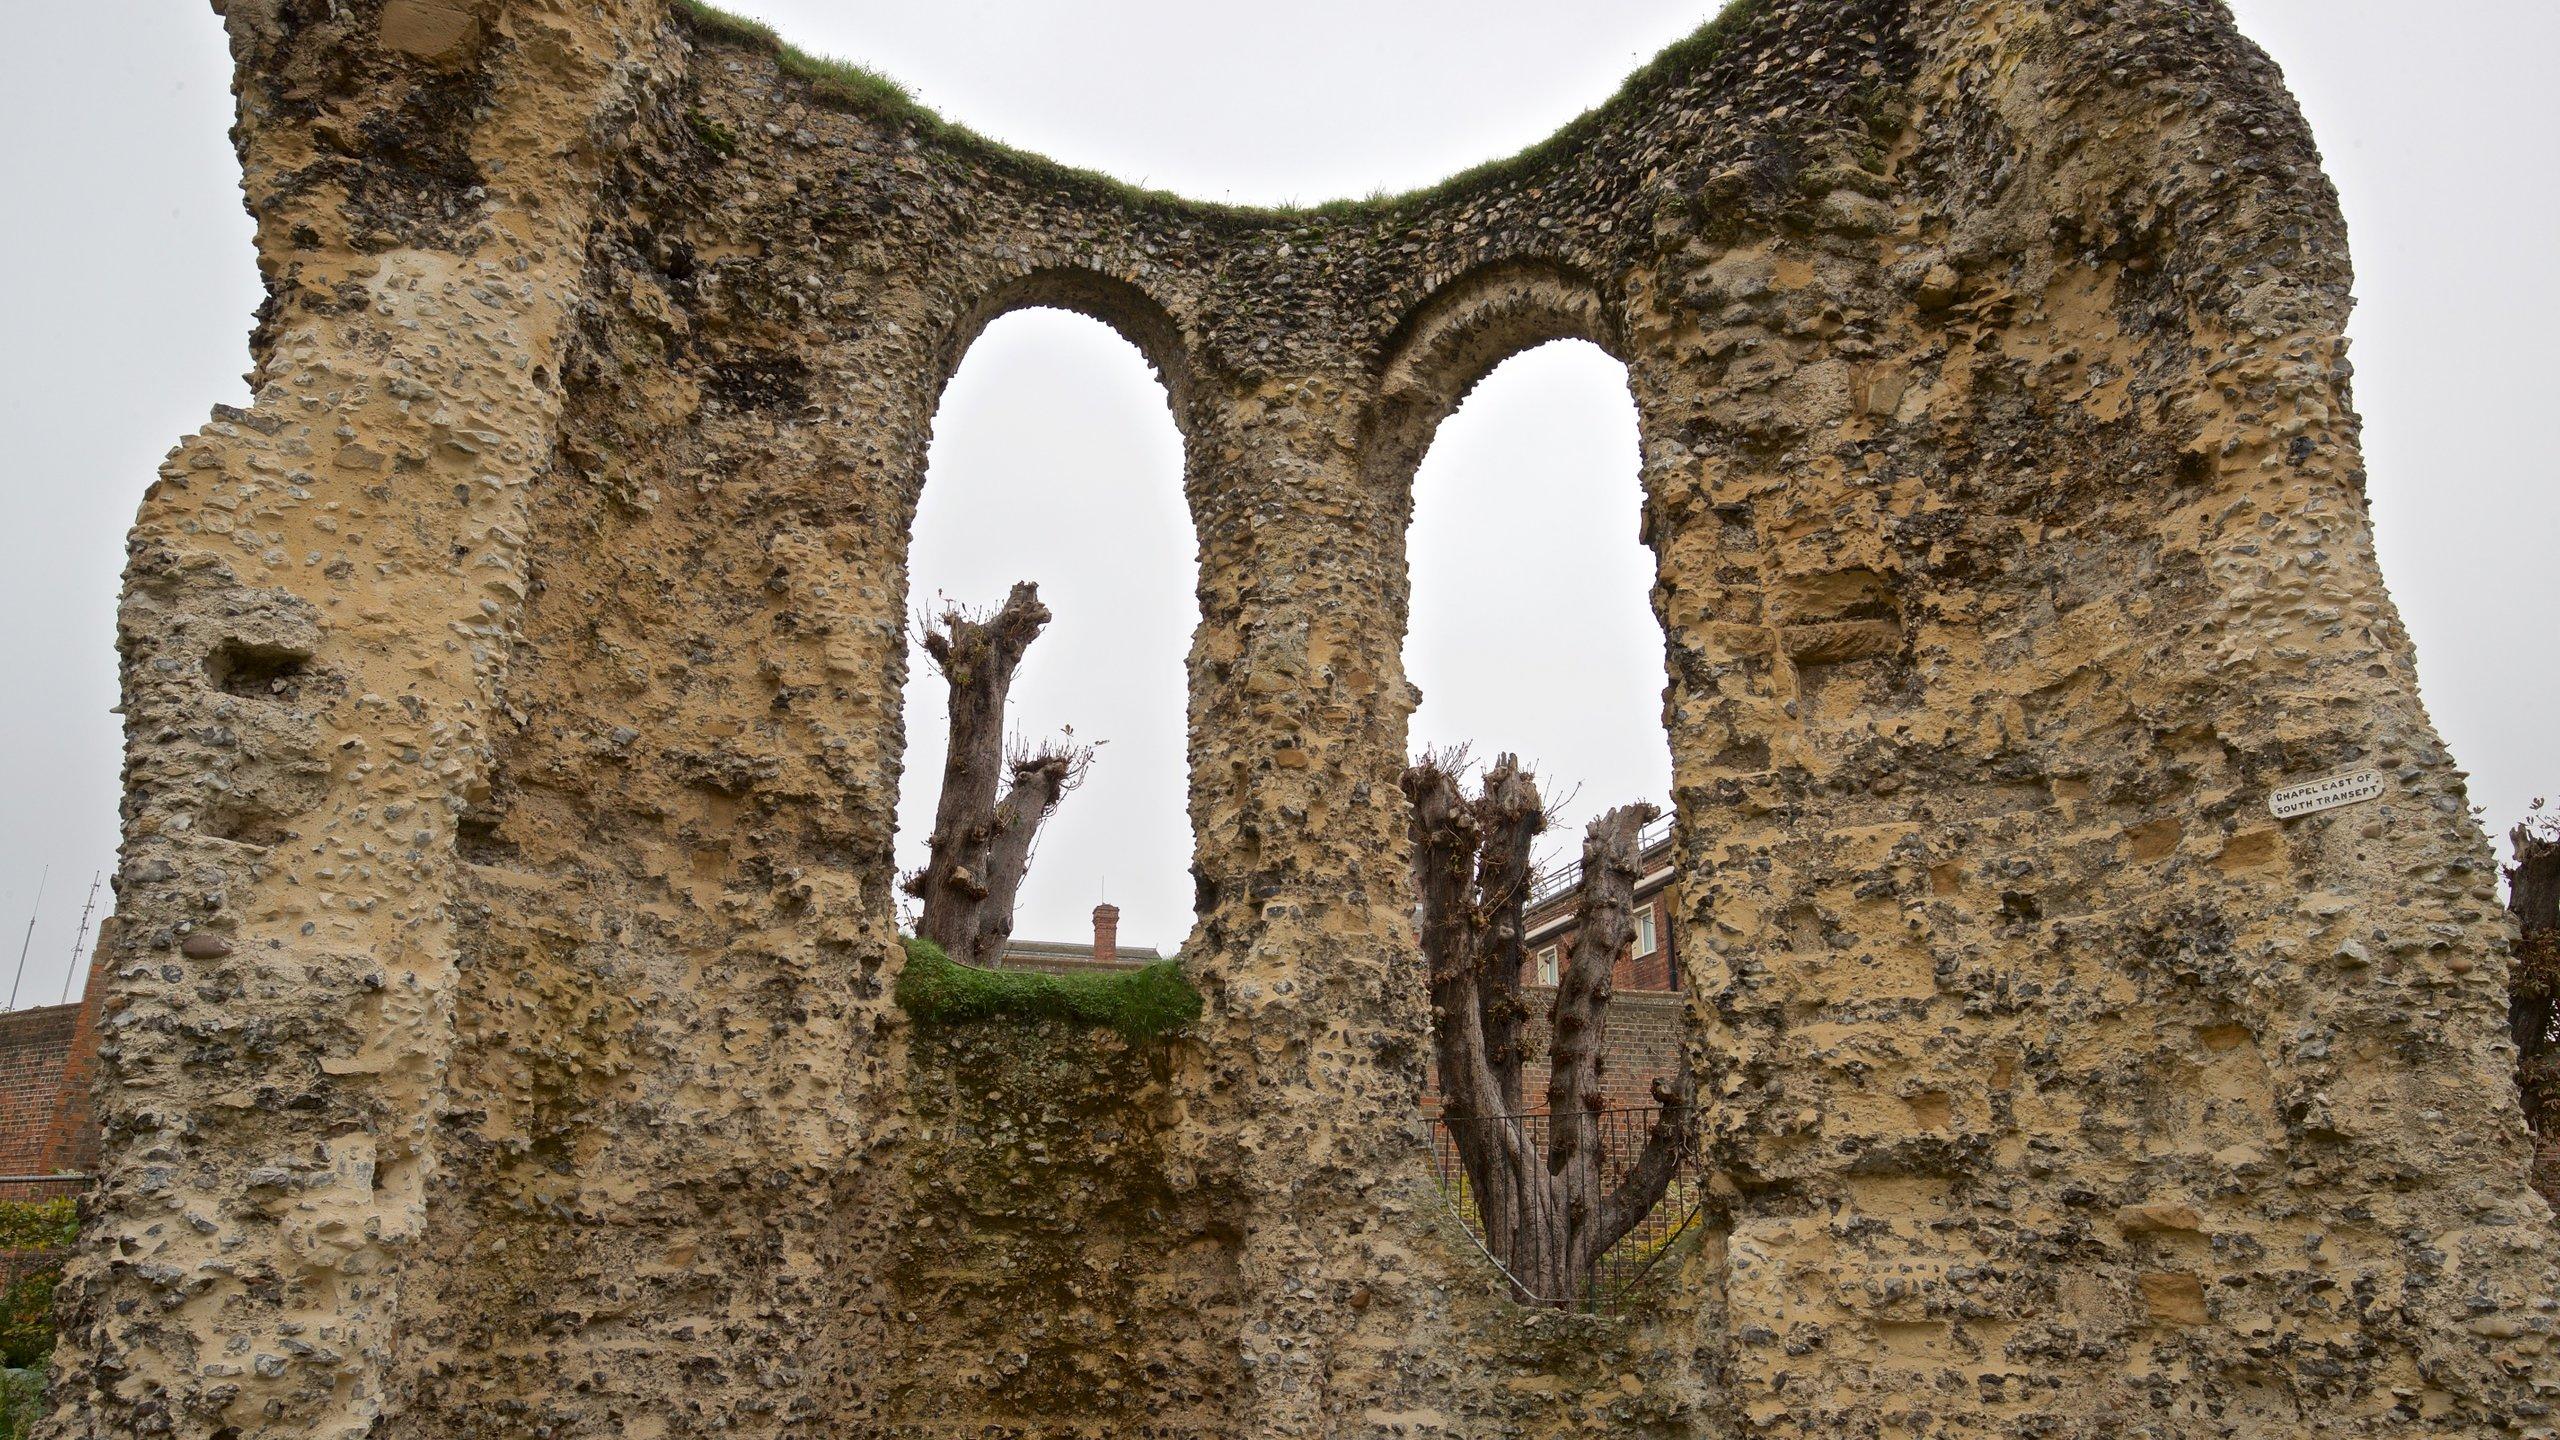 Ruïnes van de abdij van Reading, Reading, Engeland, Verenigd Koninkrijk